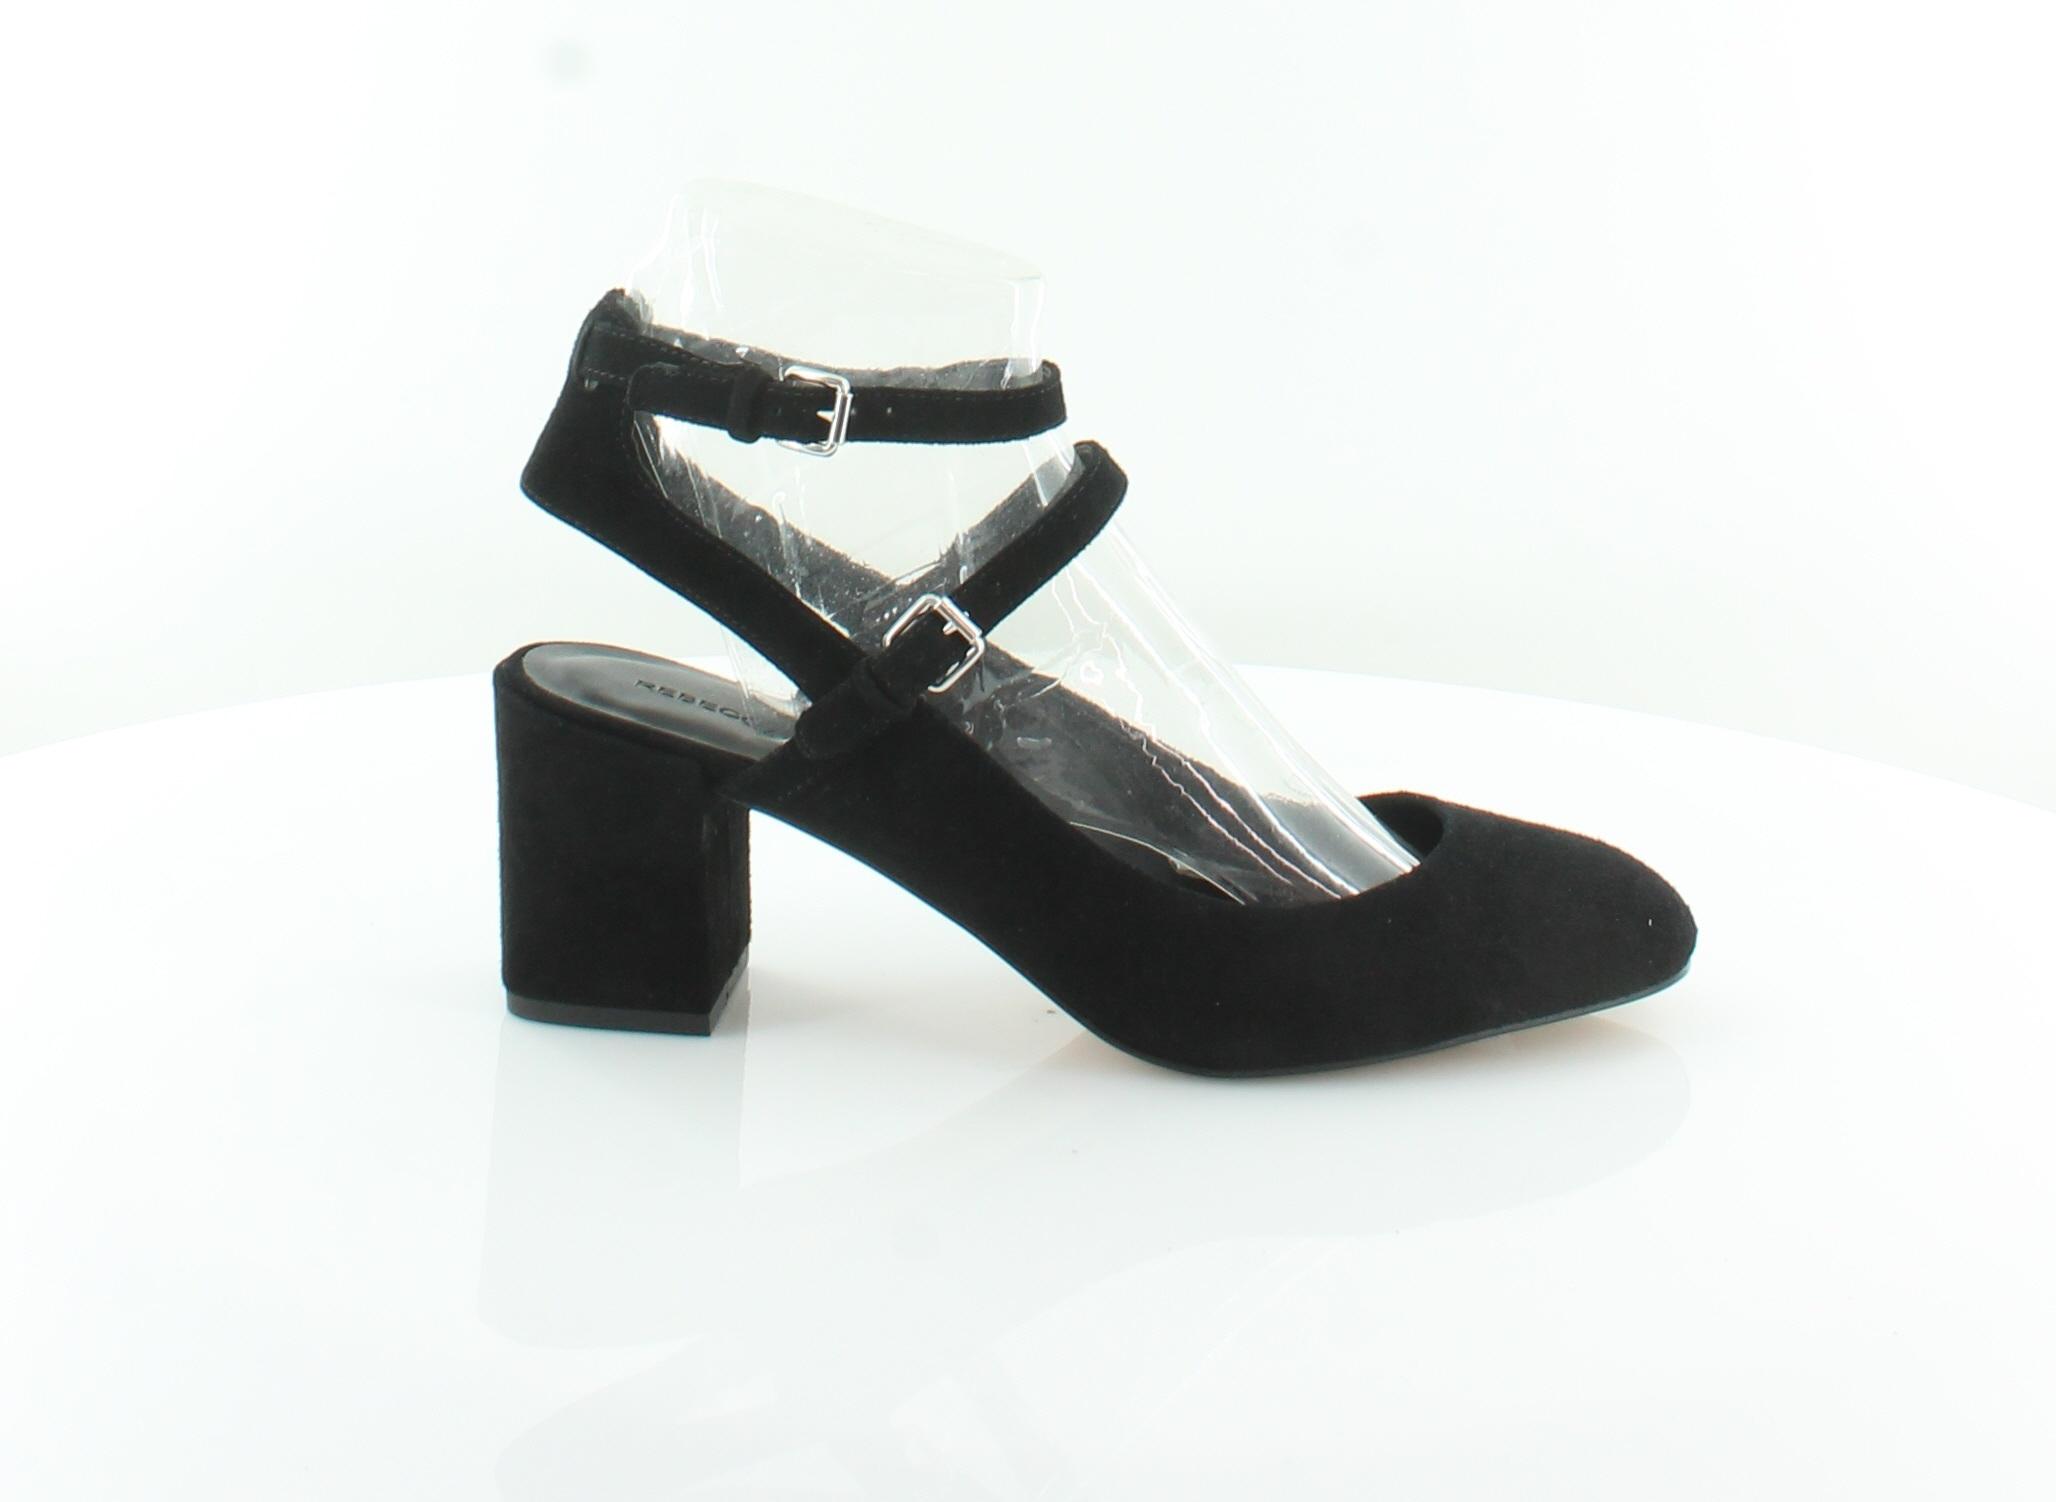 Rebecca Minkoff Minkoff Minkoff Brooke Negro Zapatos para mujer Talla 8.5 M Tacones precio minorista sugerido por el fabricante  175  comprar descuentos